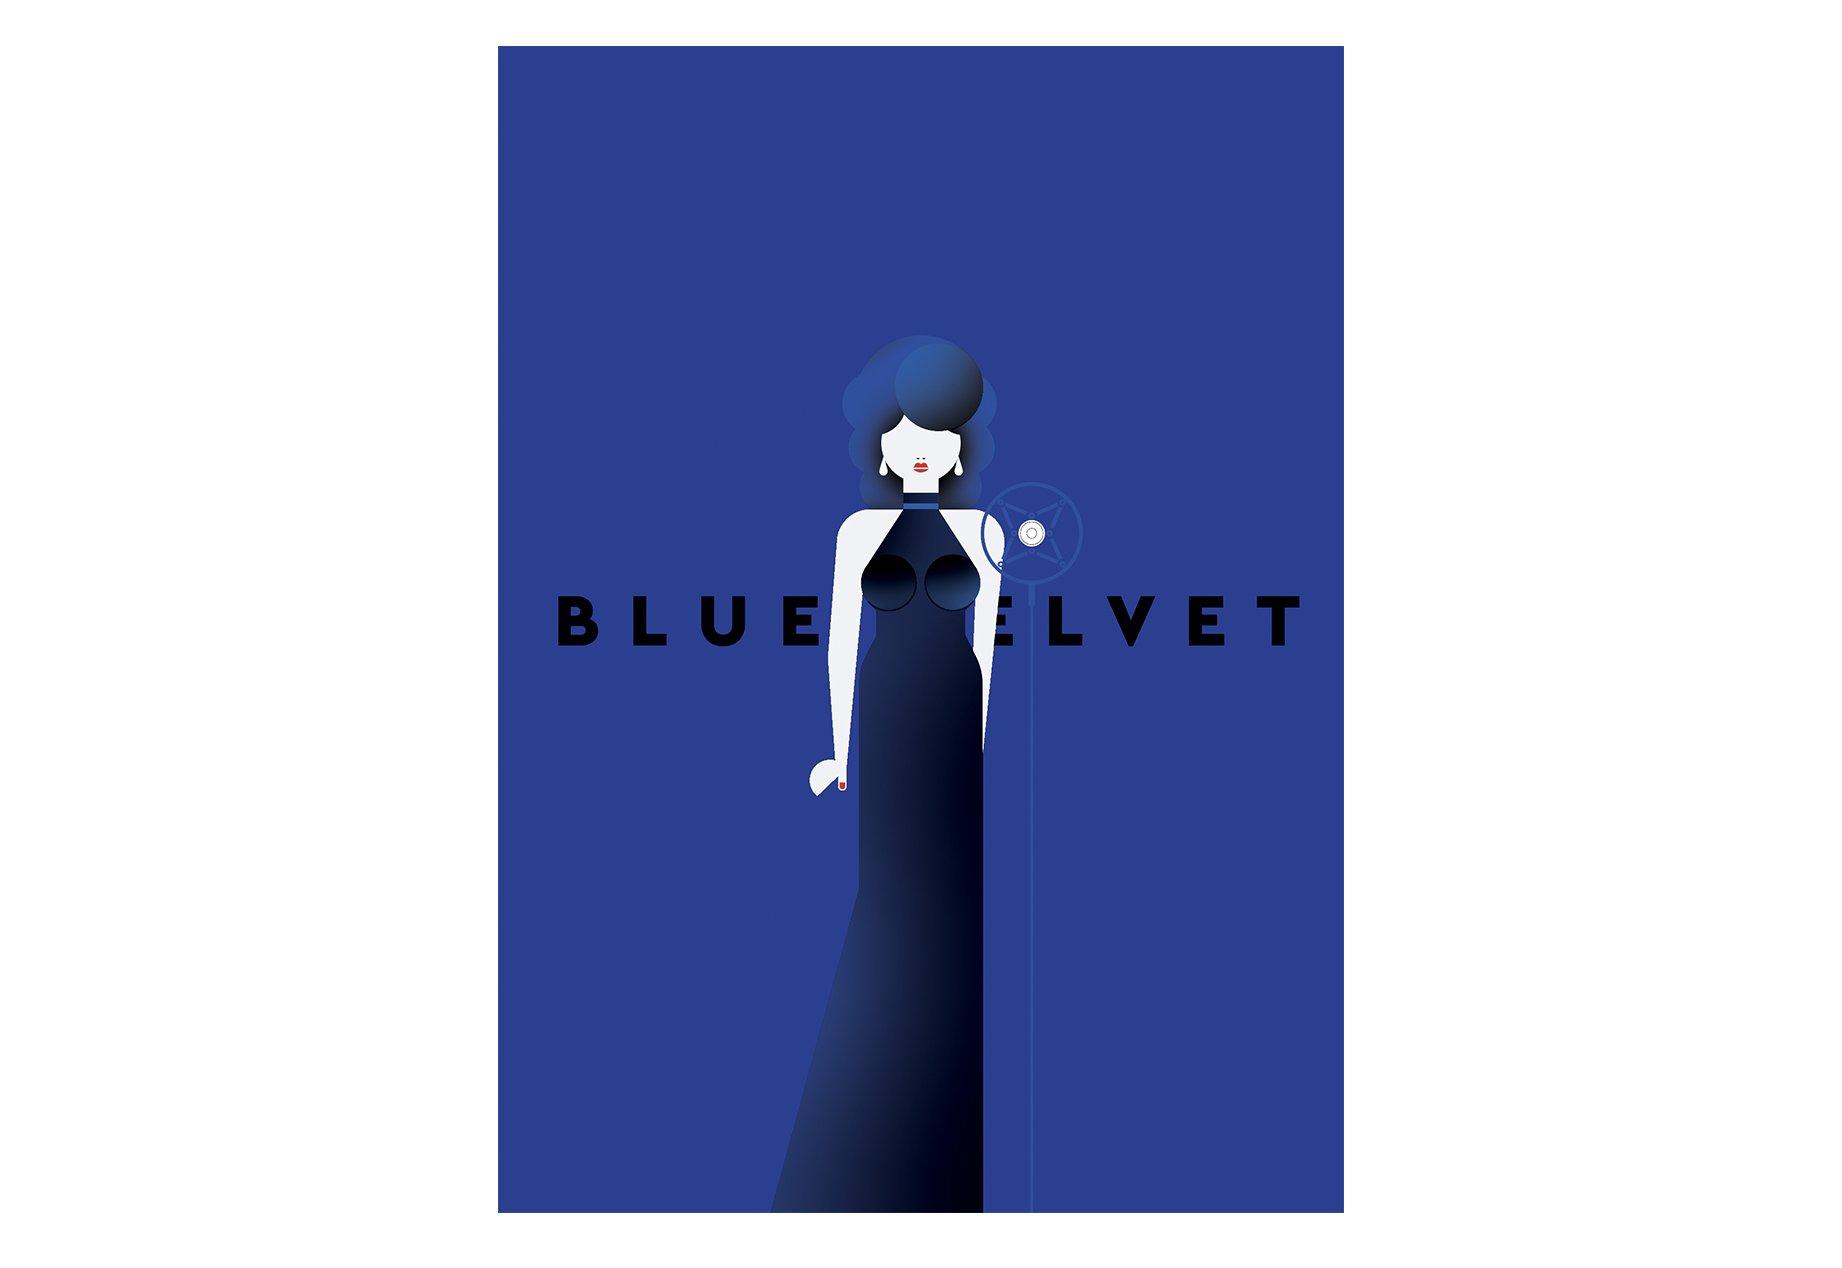 blu-velvet-poster-illustration-alice-iuri